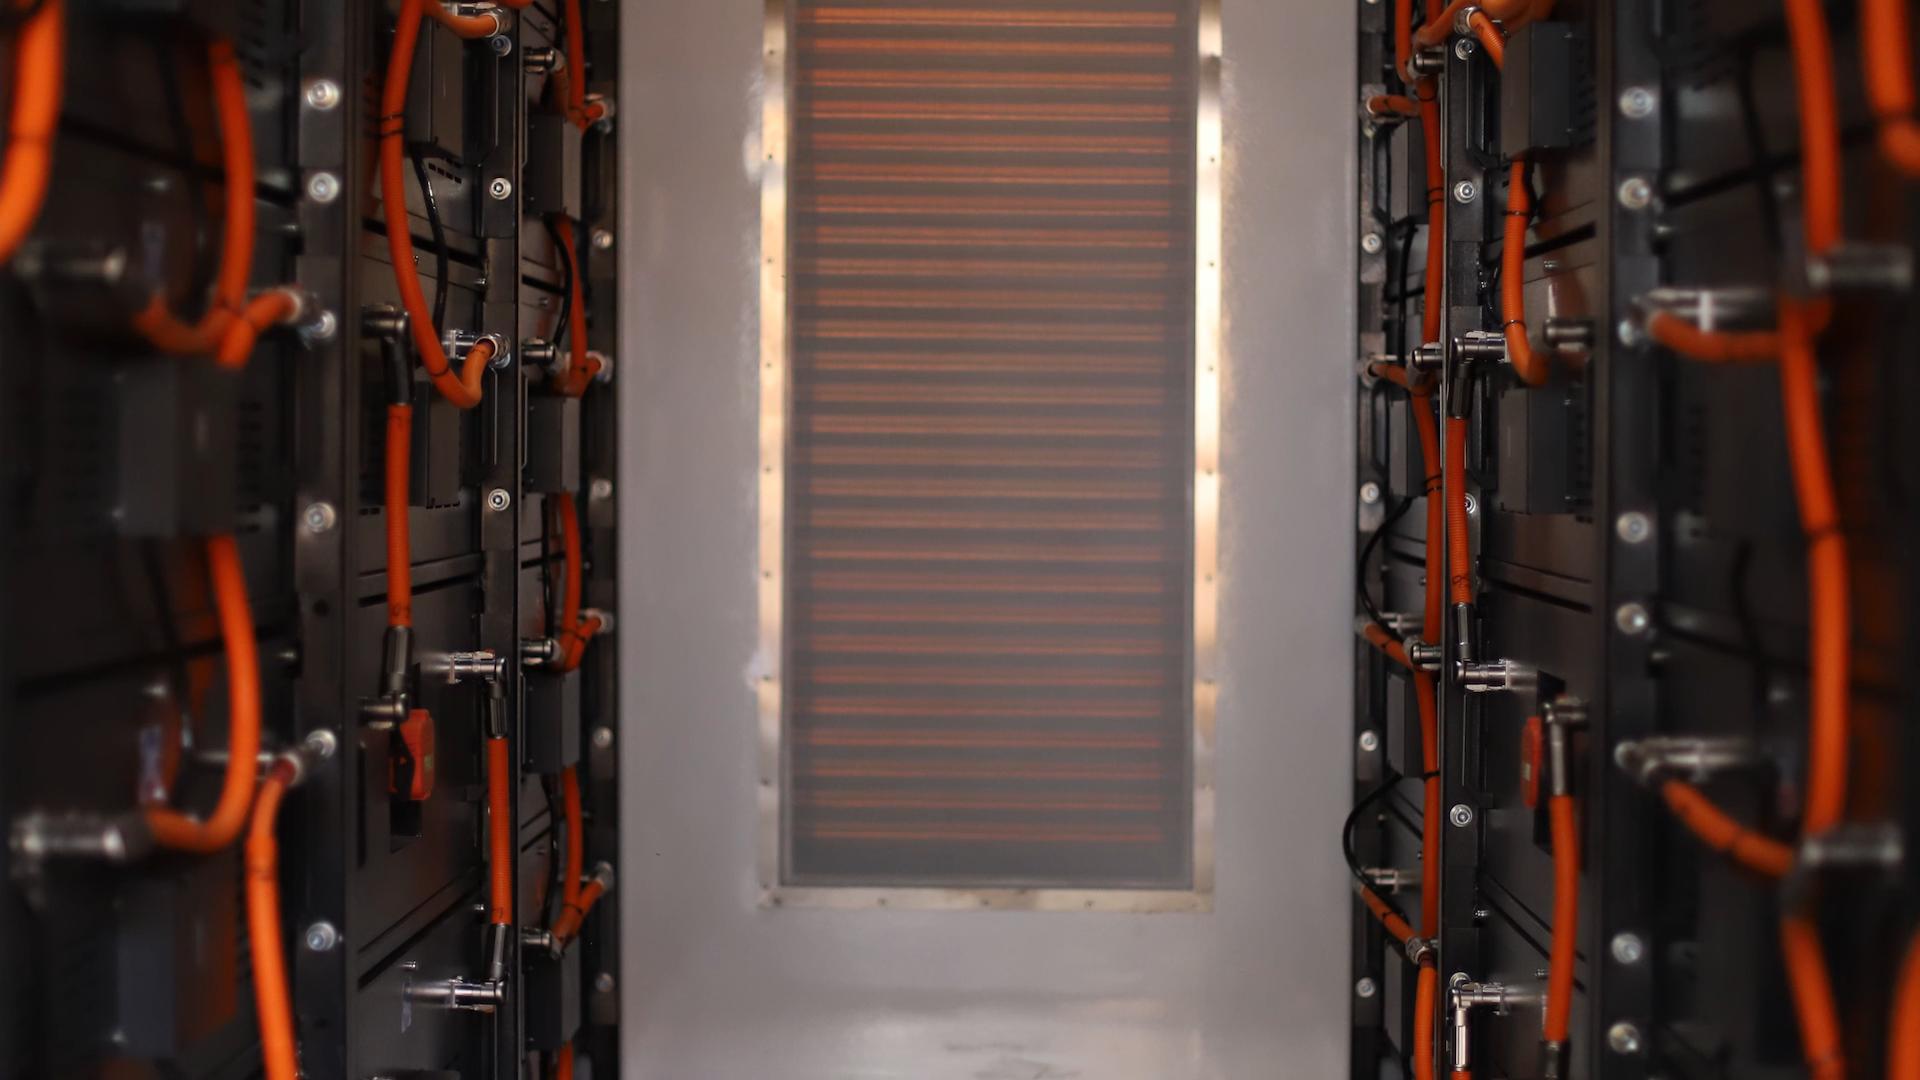 אנרגיה גבוהה ליתיום סוללה אחסון מערכת/ליתיום סוללה קבינט תא 3.2V אנרגיה אחסון כוח מערכת CE TUV מאושר